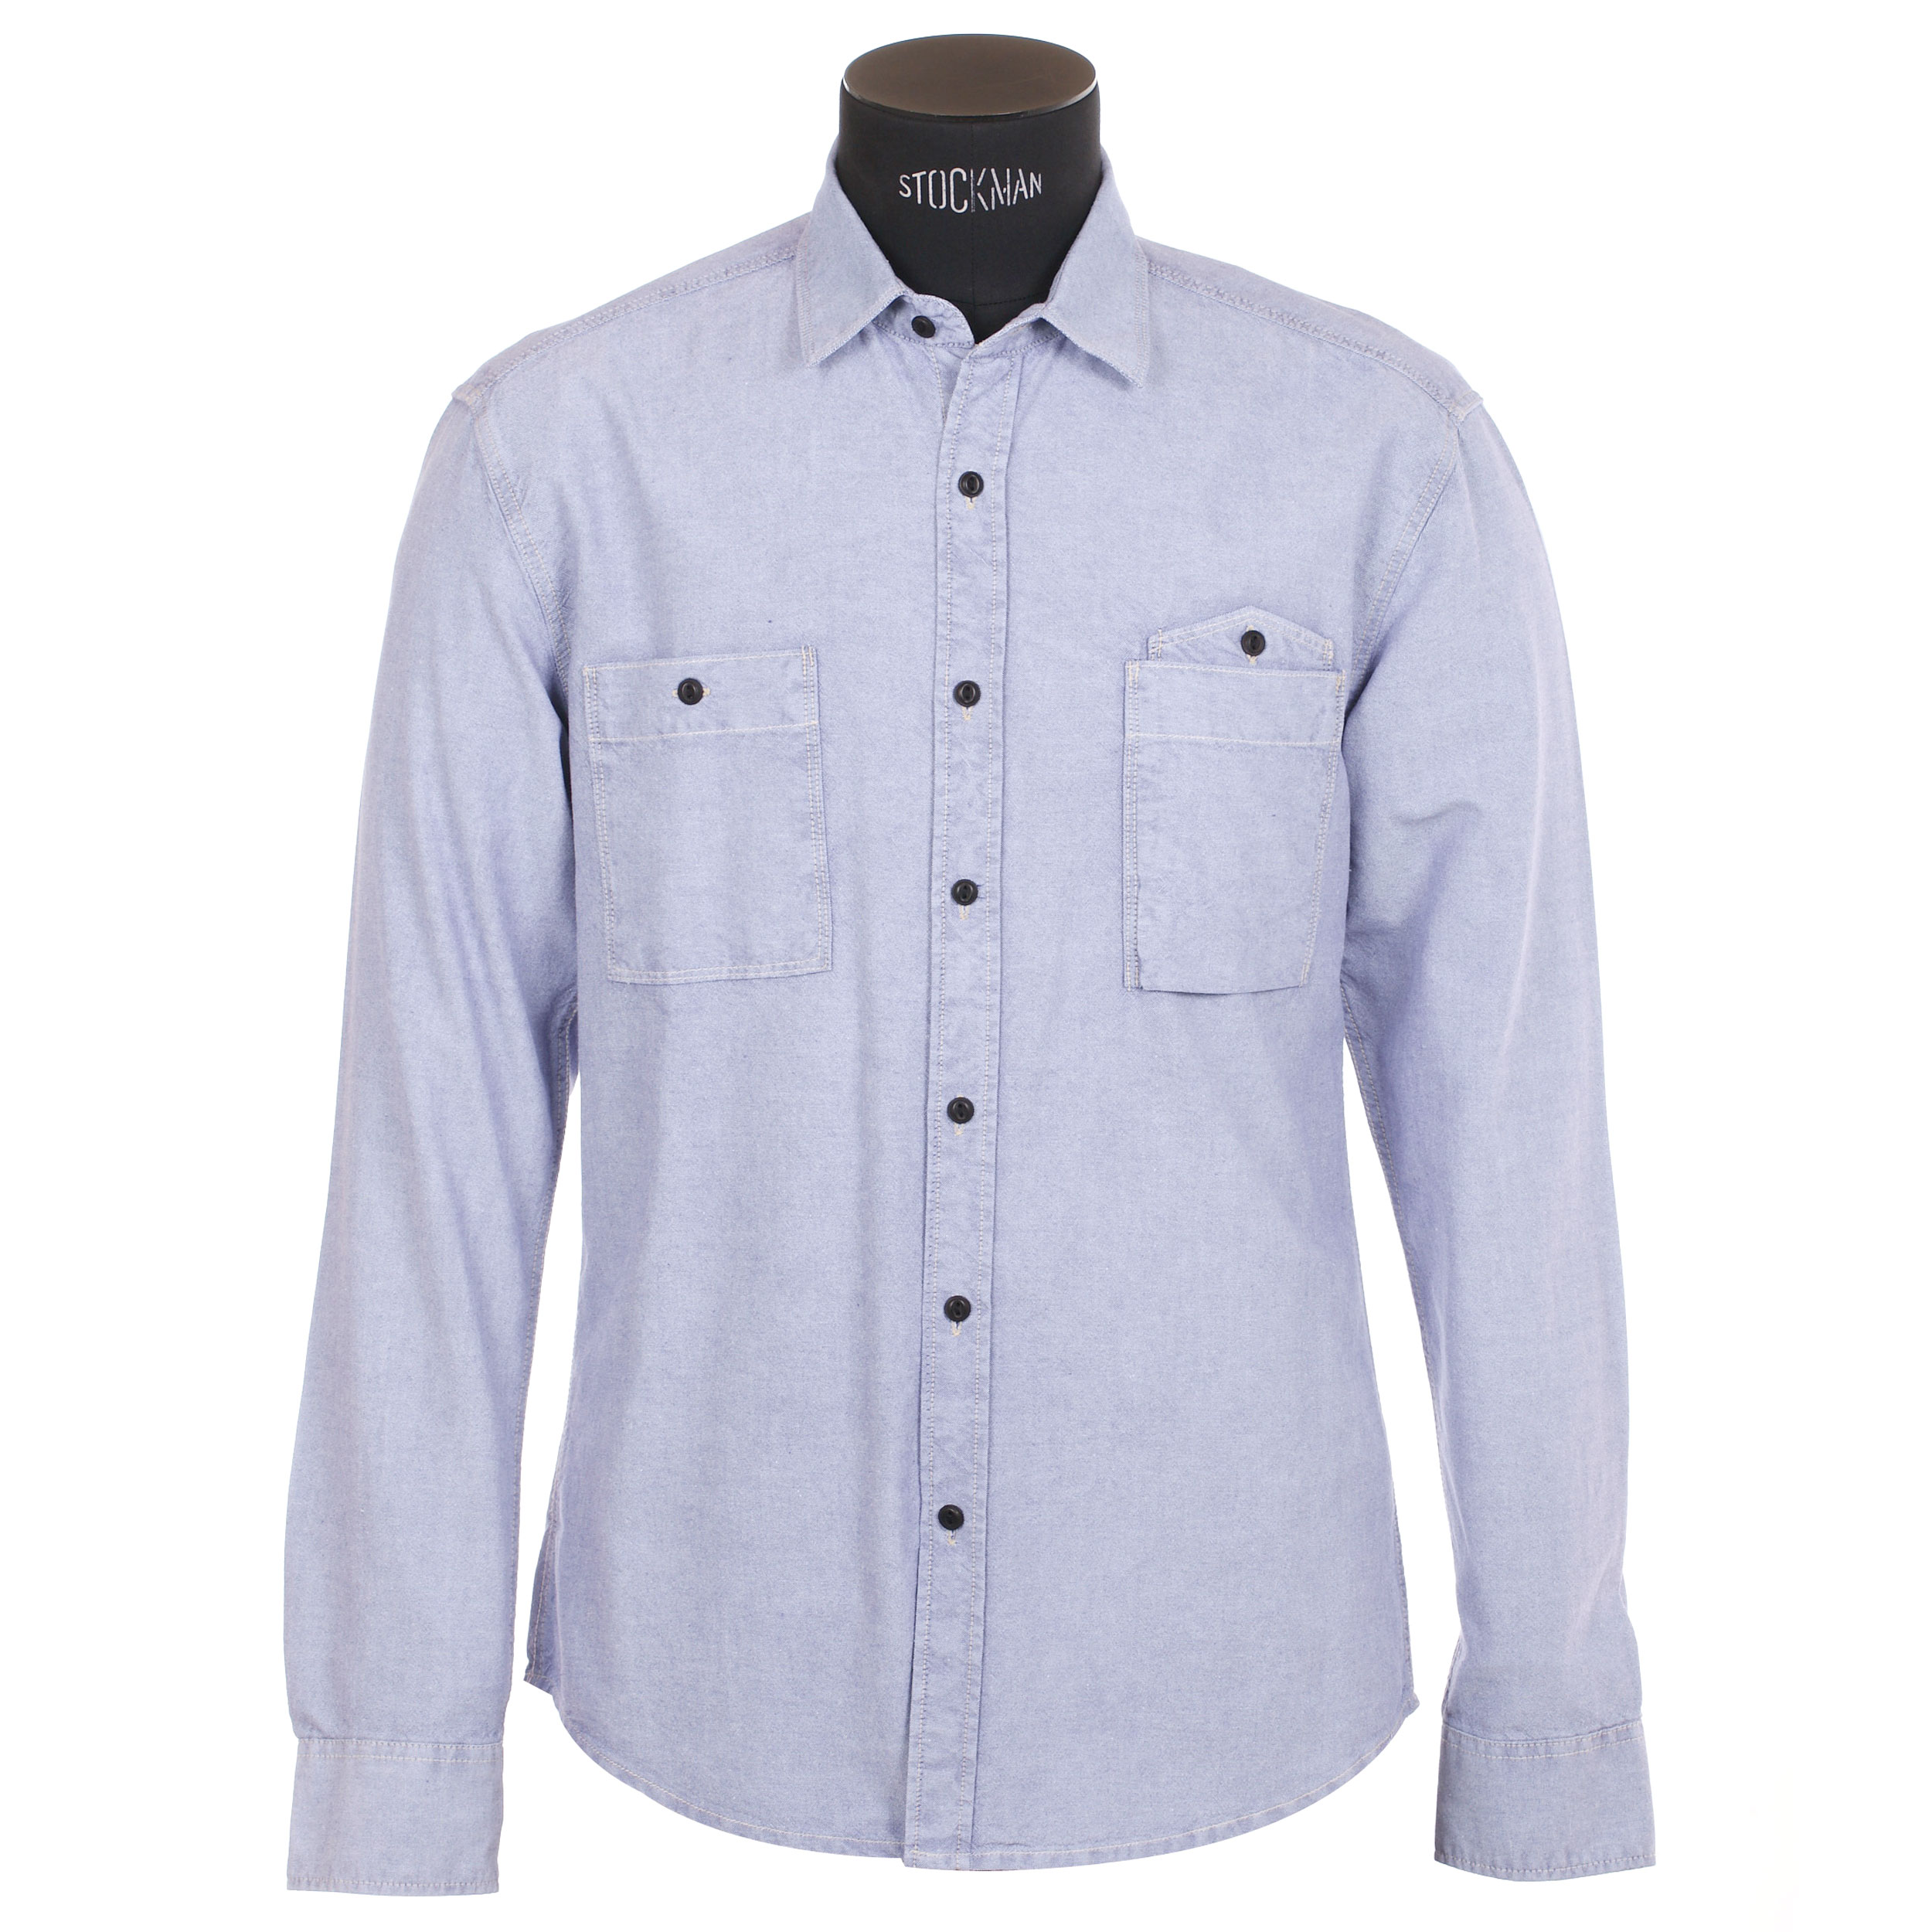 Chemise homme  bleu clair, effet jean